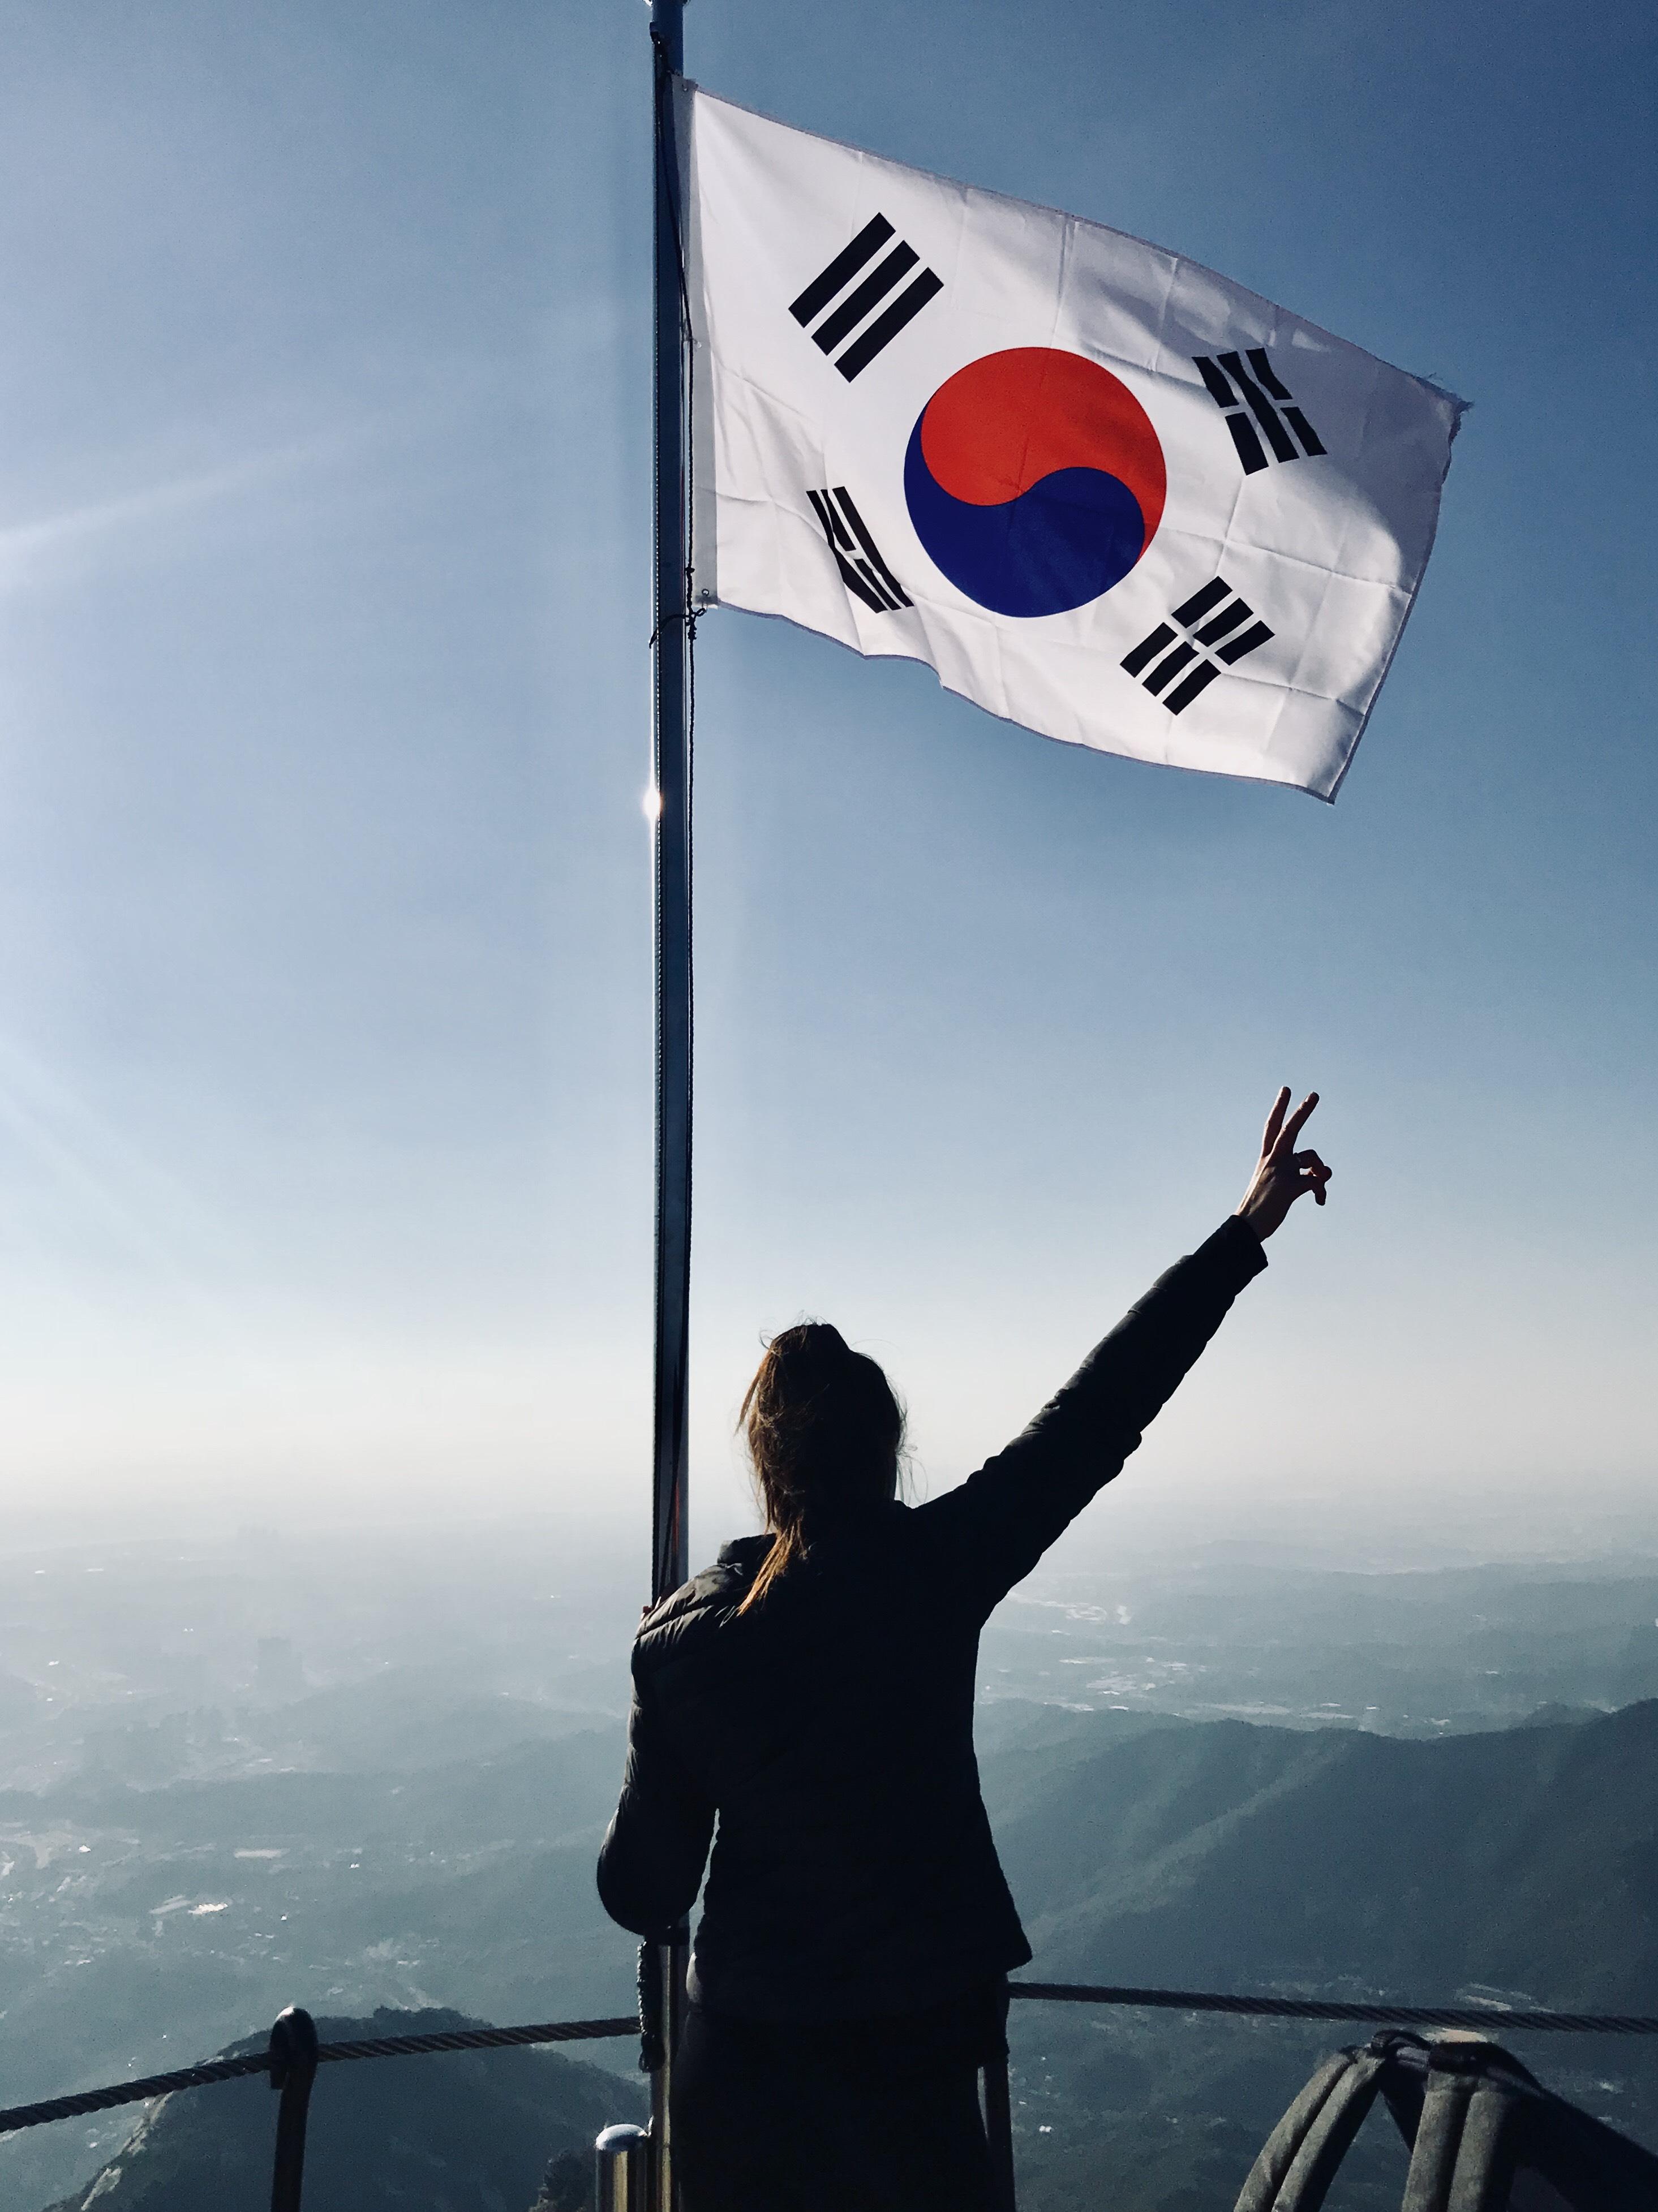 Faire ses études de communication à l'étranger comme Margot en Corée du Sud